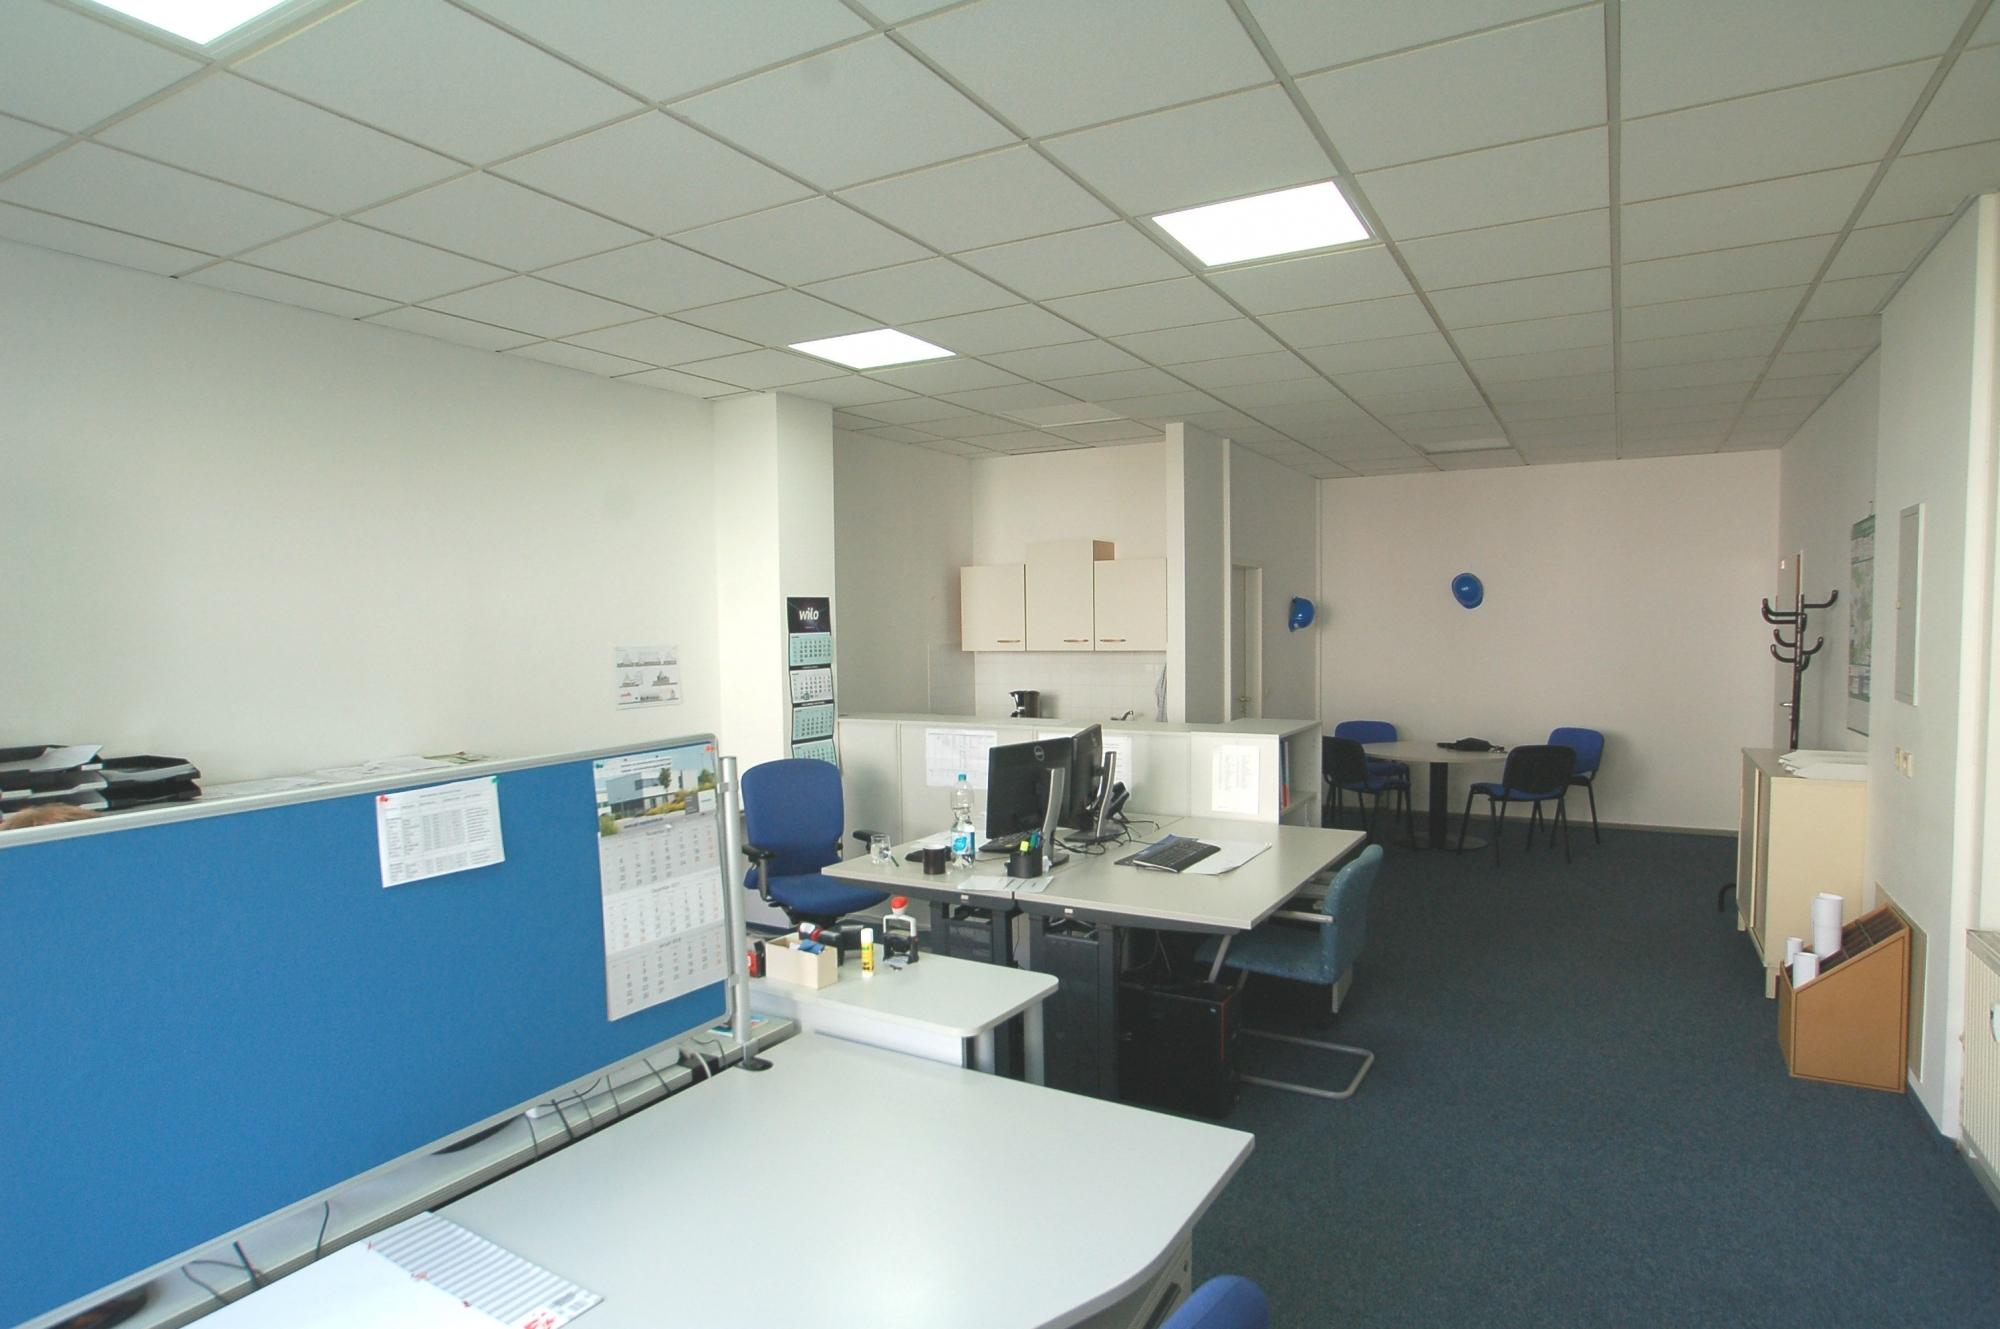 Büro mit 4 Arbeitsplätzen